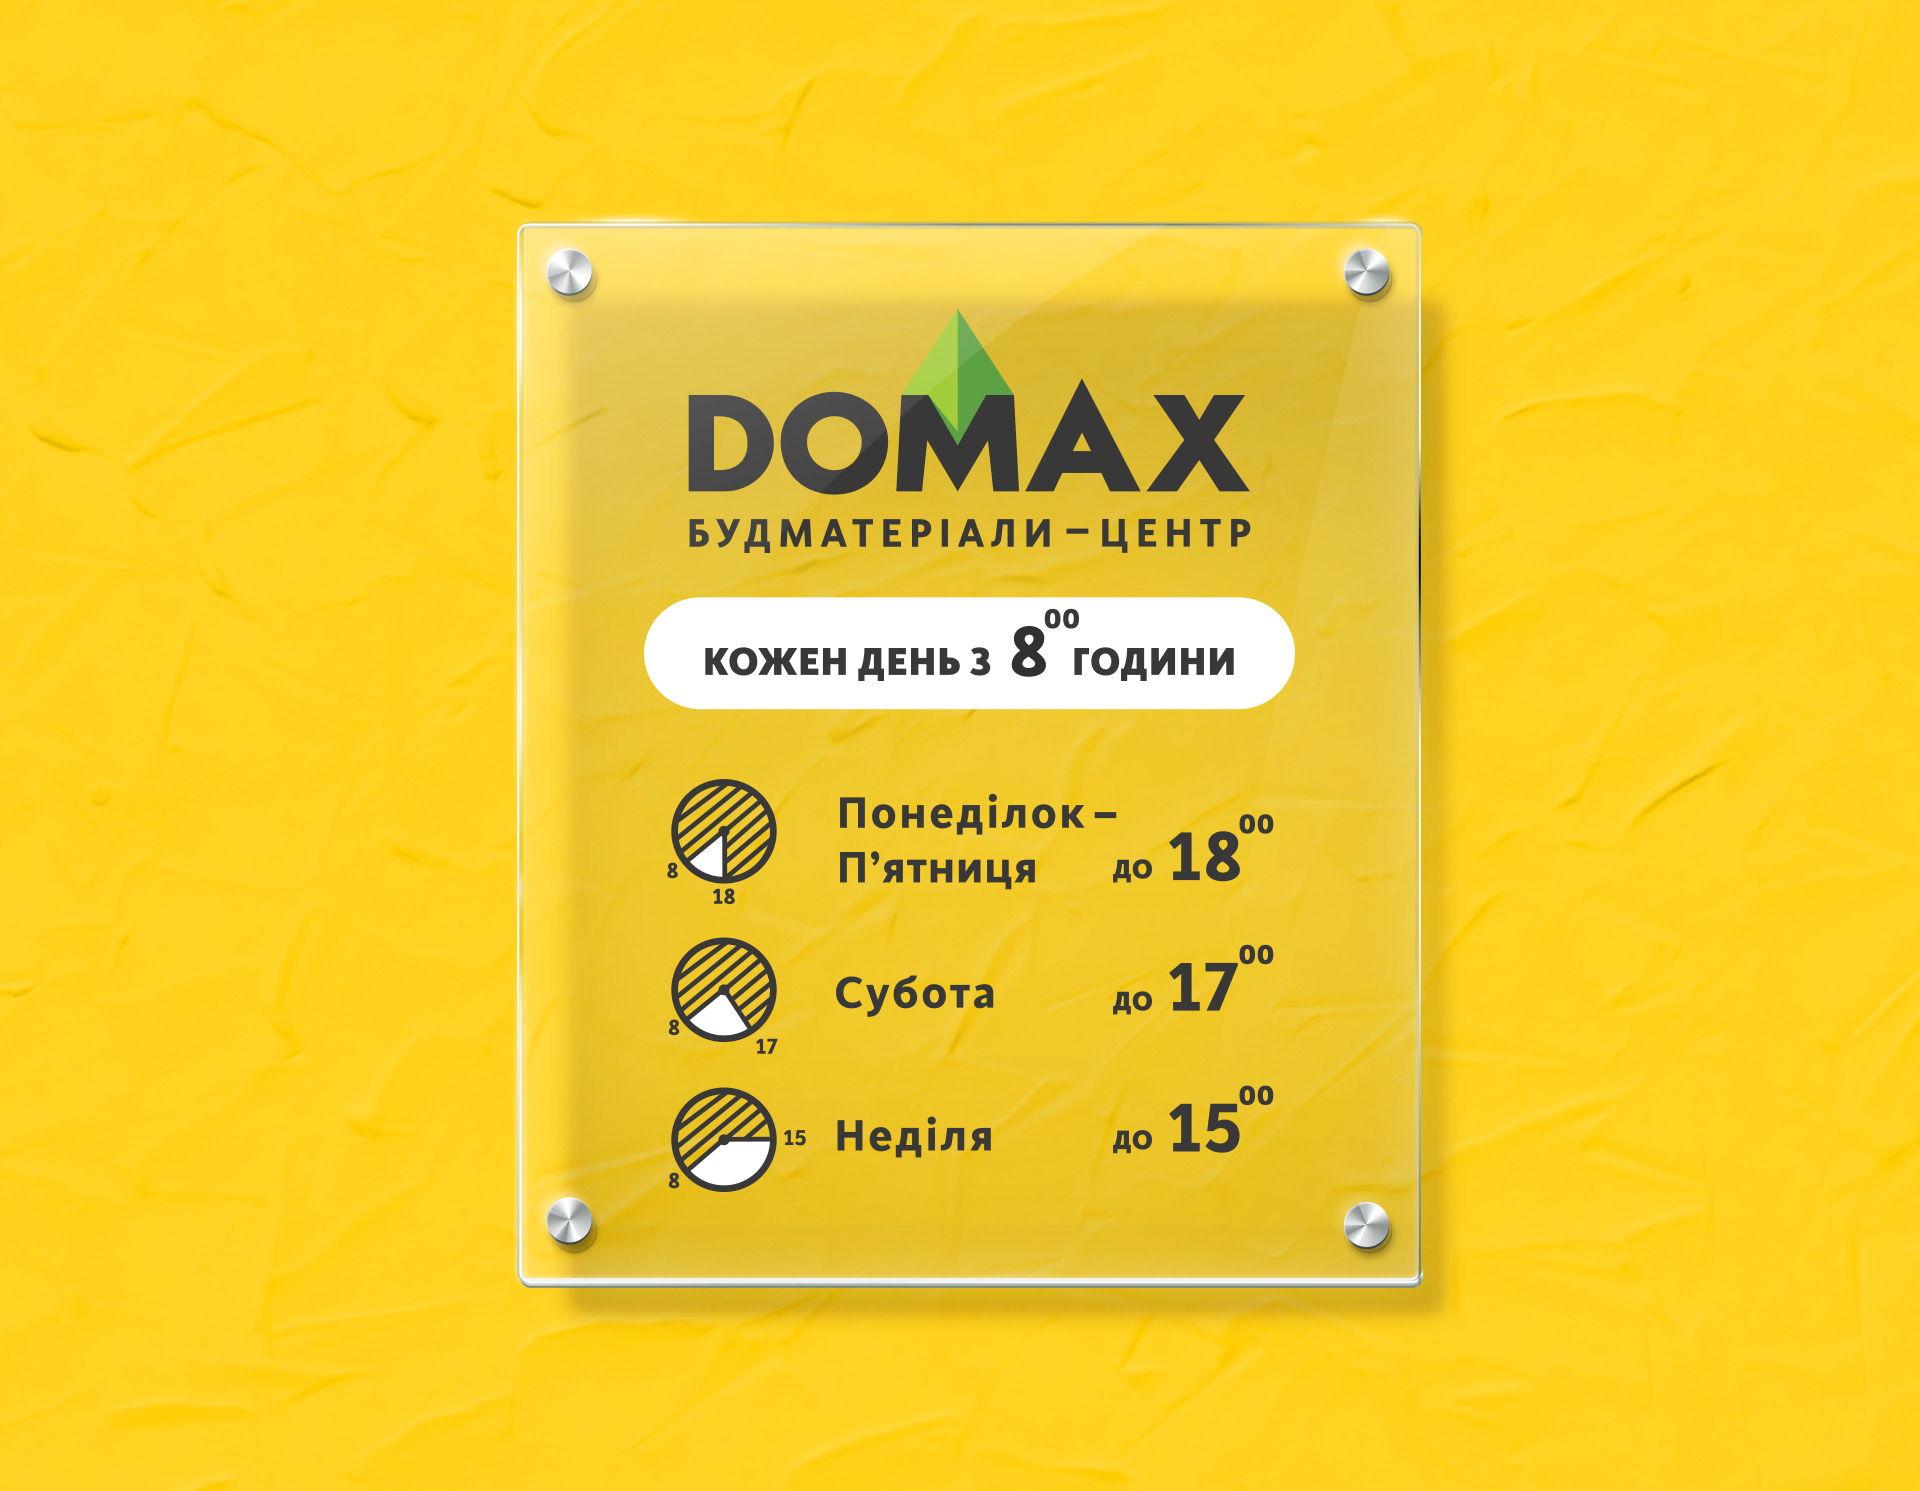 Дизайн вывески строительного магазина, Building shop sign design